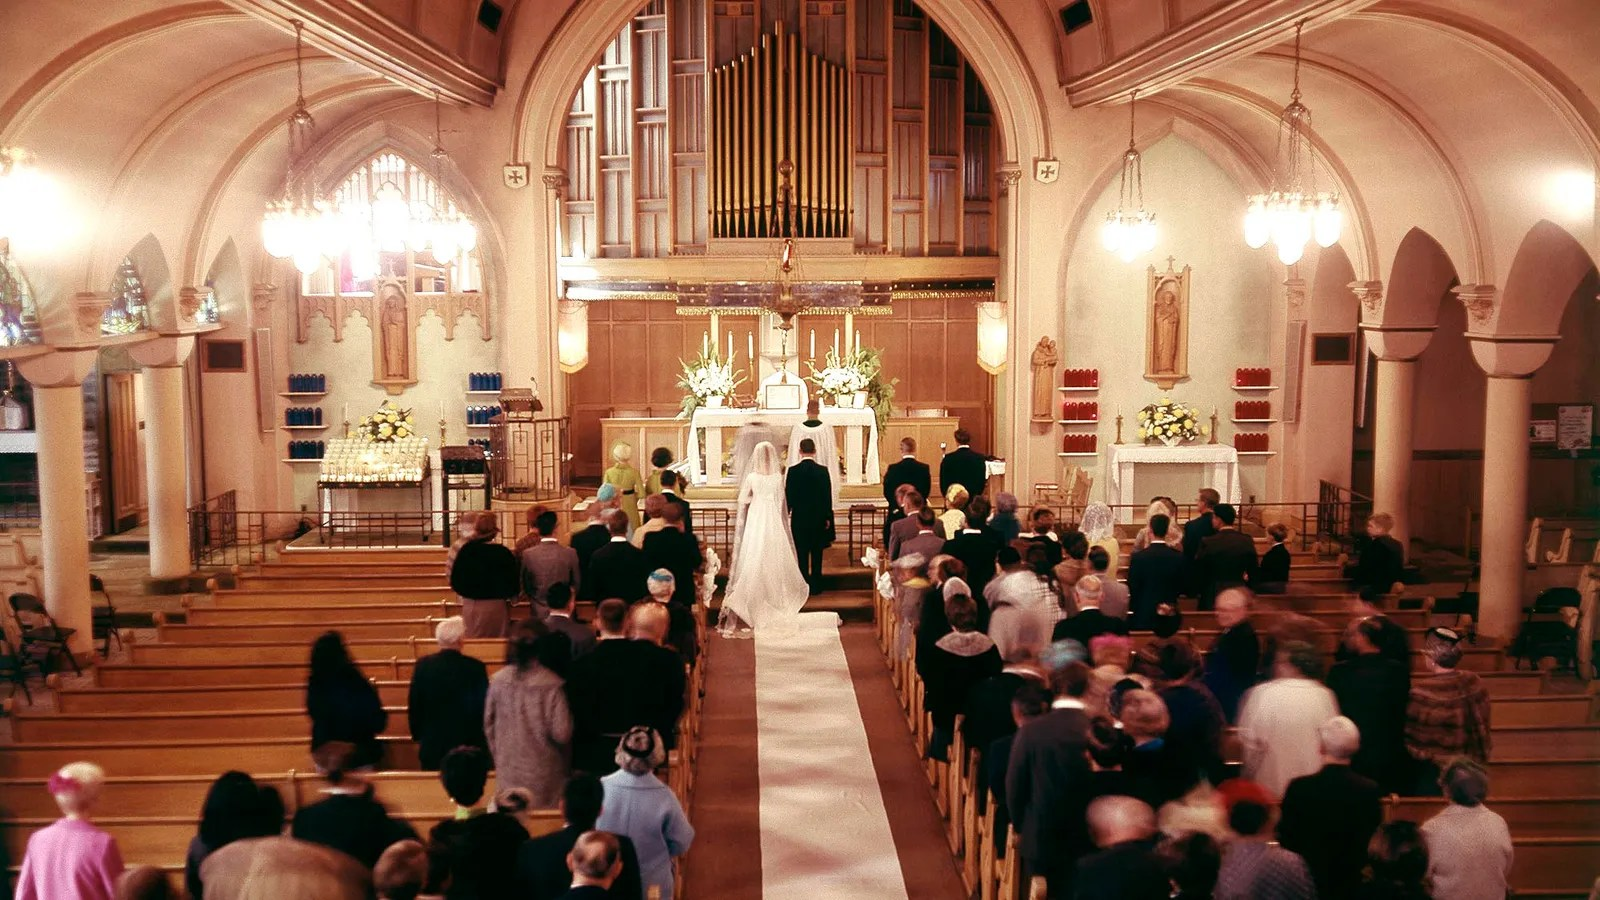 Weird Wedding Has Some Kind Of Religious Theme